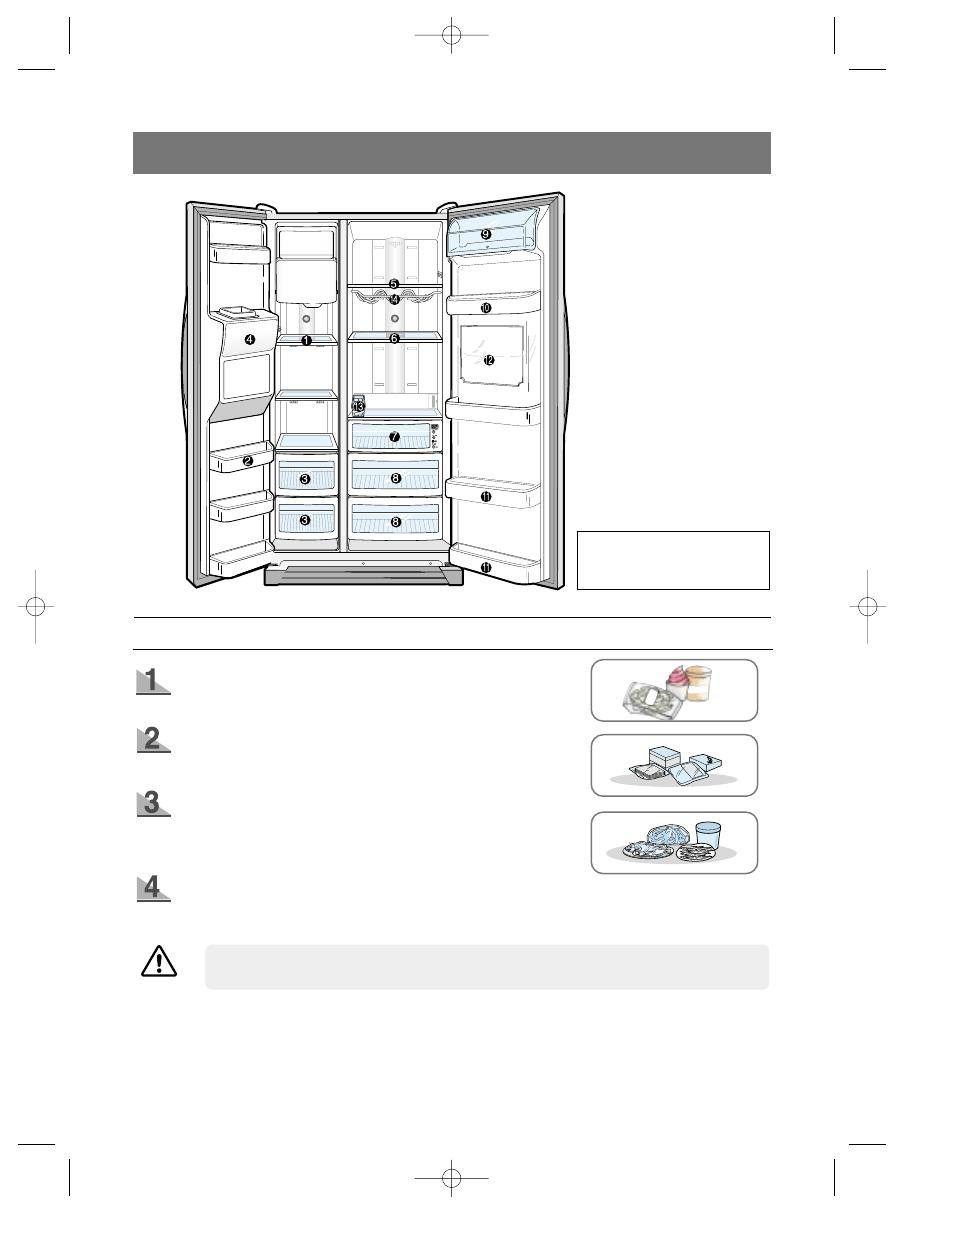 Food storage guide, Frozen food storage in freezer